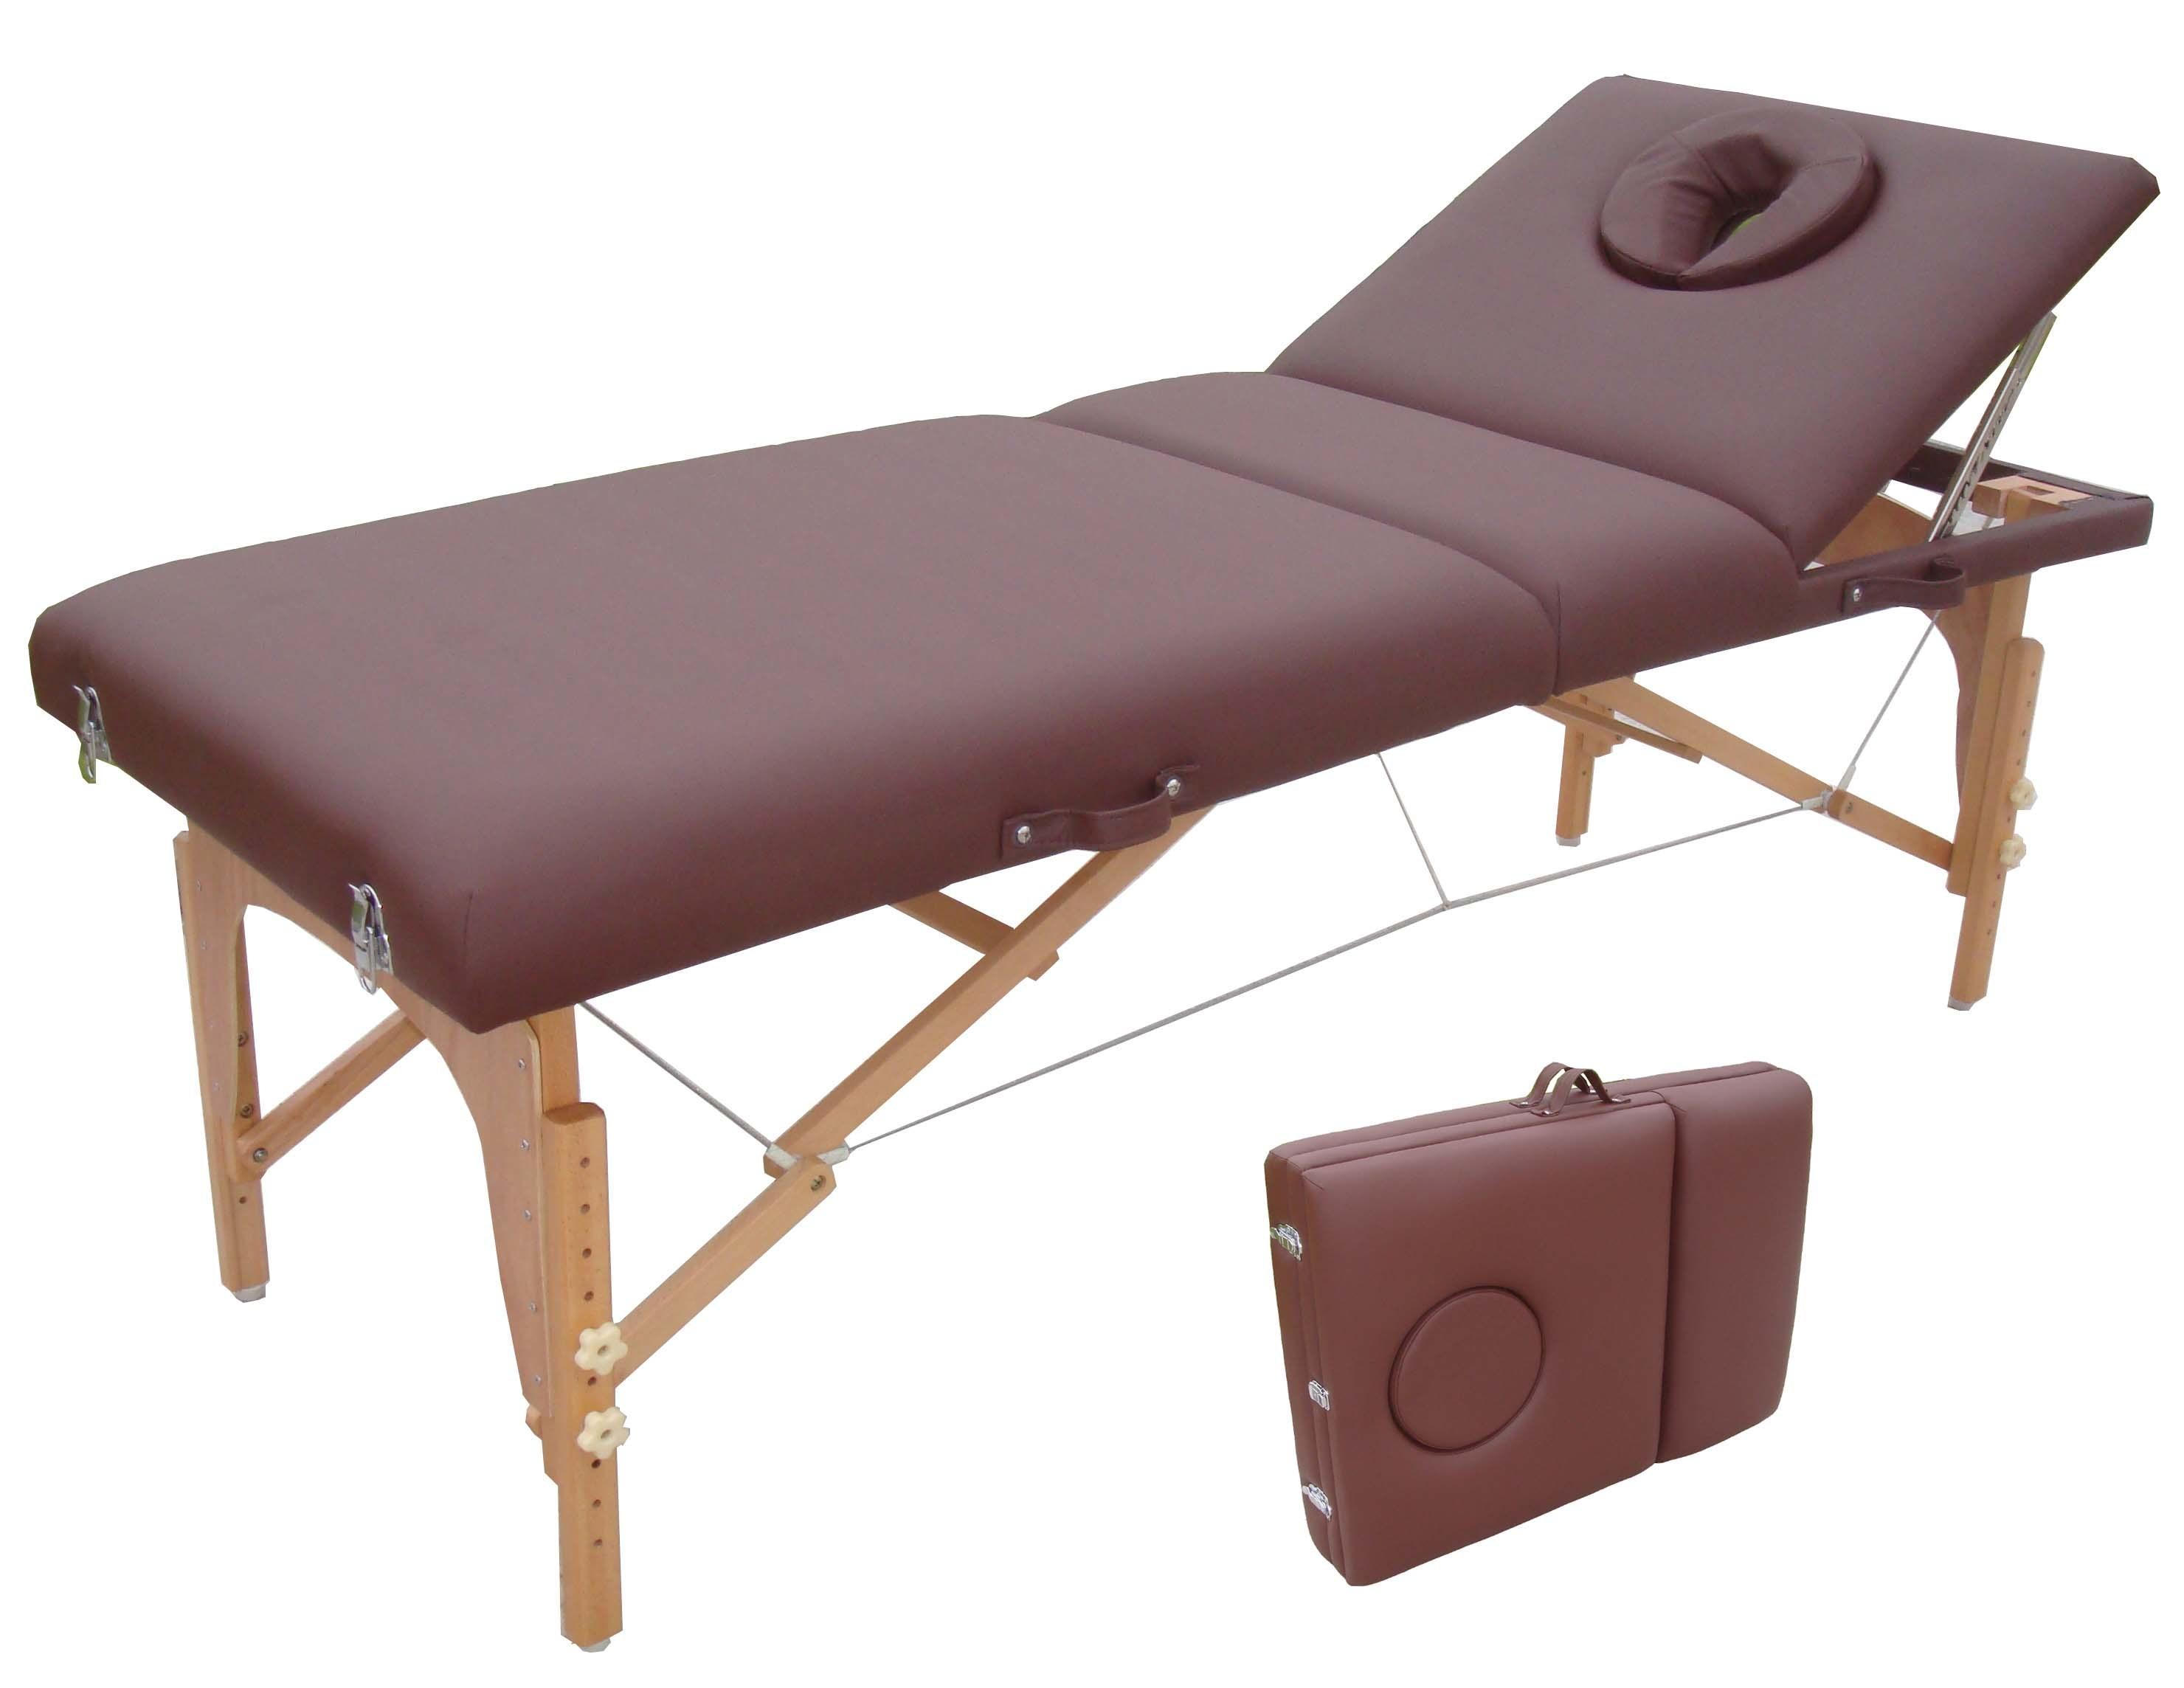 massage seng China MT 009 2 Wooden Massage Seng Popular In SPA Center(CE, RoHS  massage seng